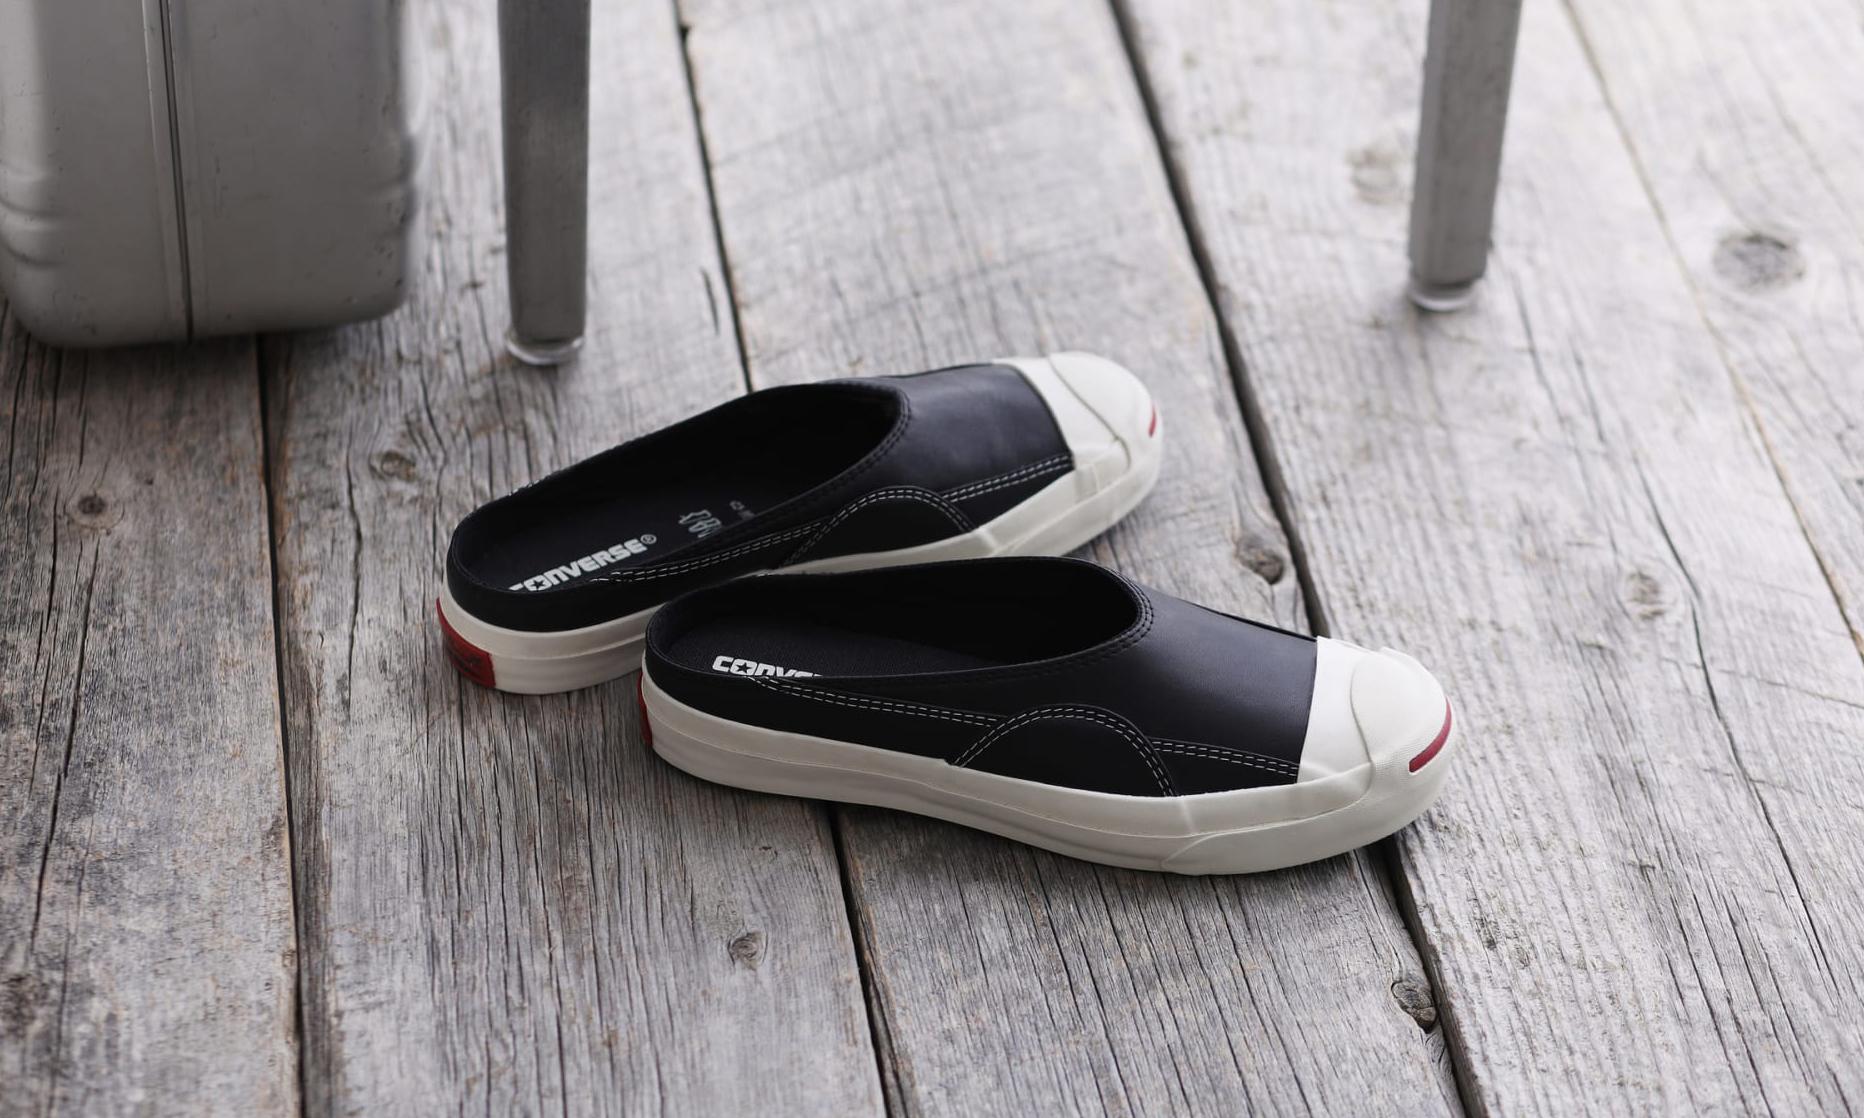 完美还原 1990 年代鞋型,CONVERSE Jack Purcell Ret Mule Leather 登场